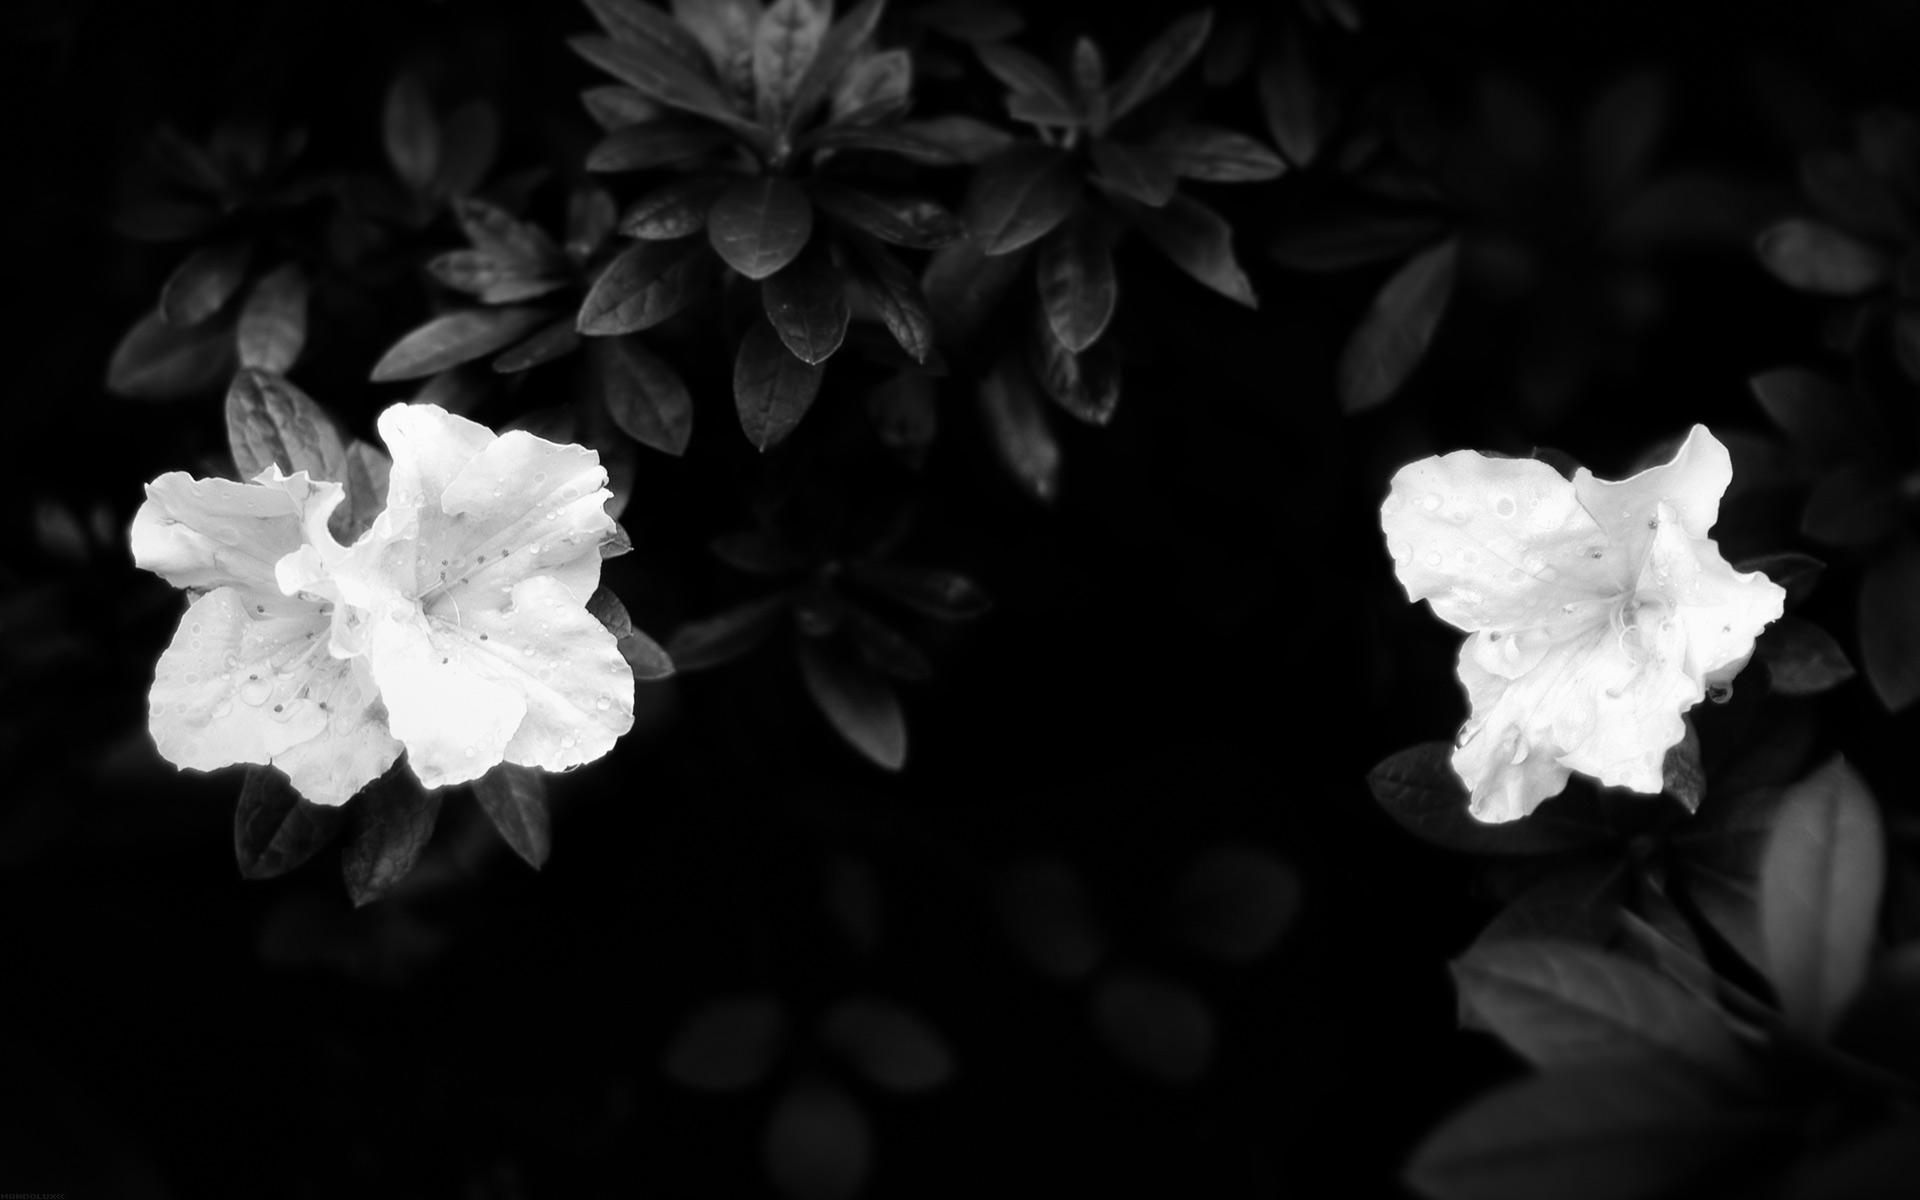 Black Flower wallpaper   1920x1200   #83278